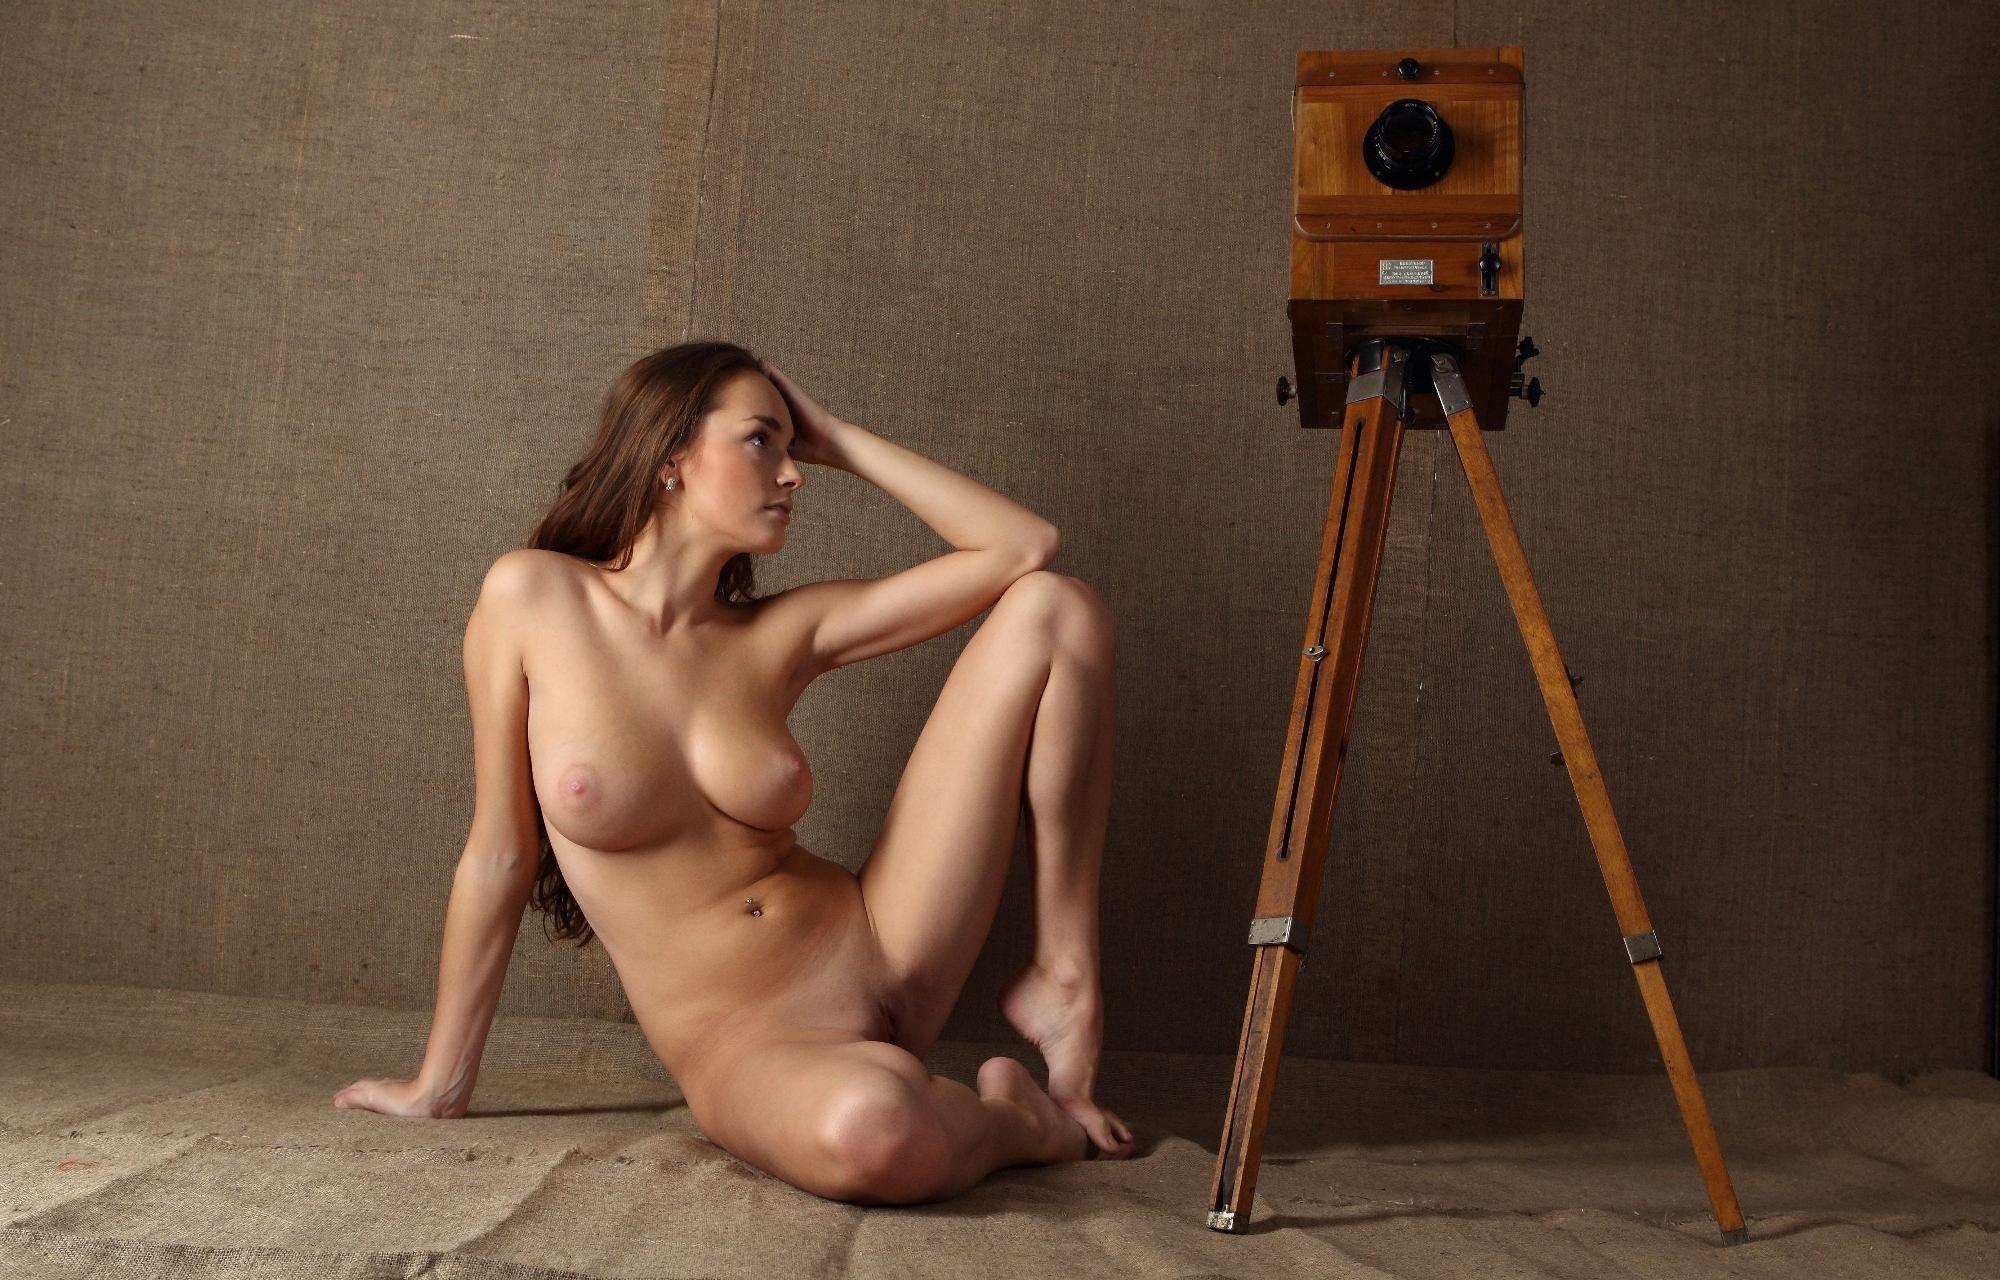 тоже, кстати, красивые голые девушки позируют перед камерой спальню зашла